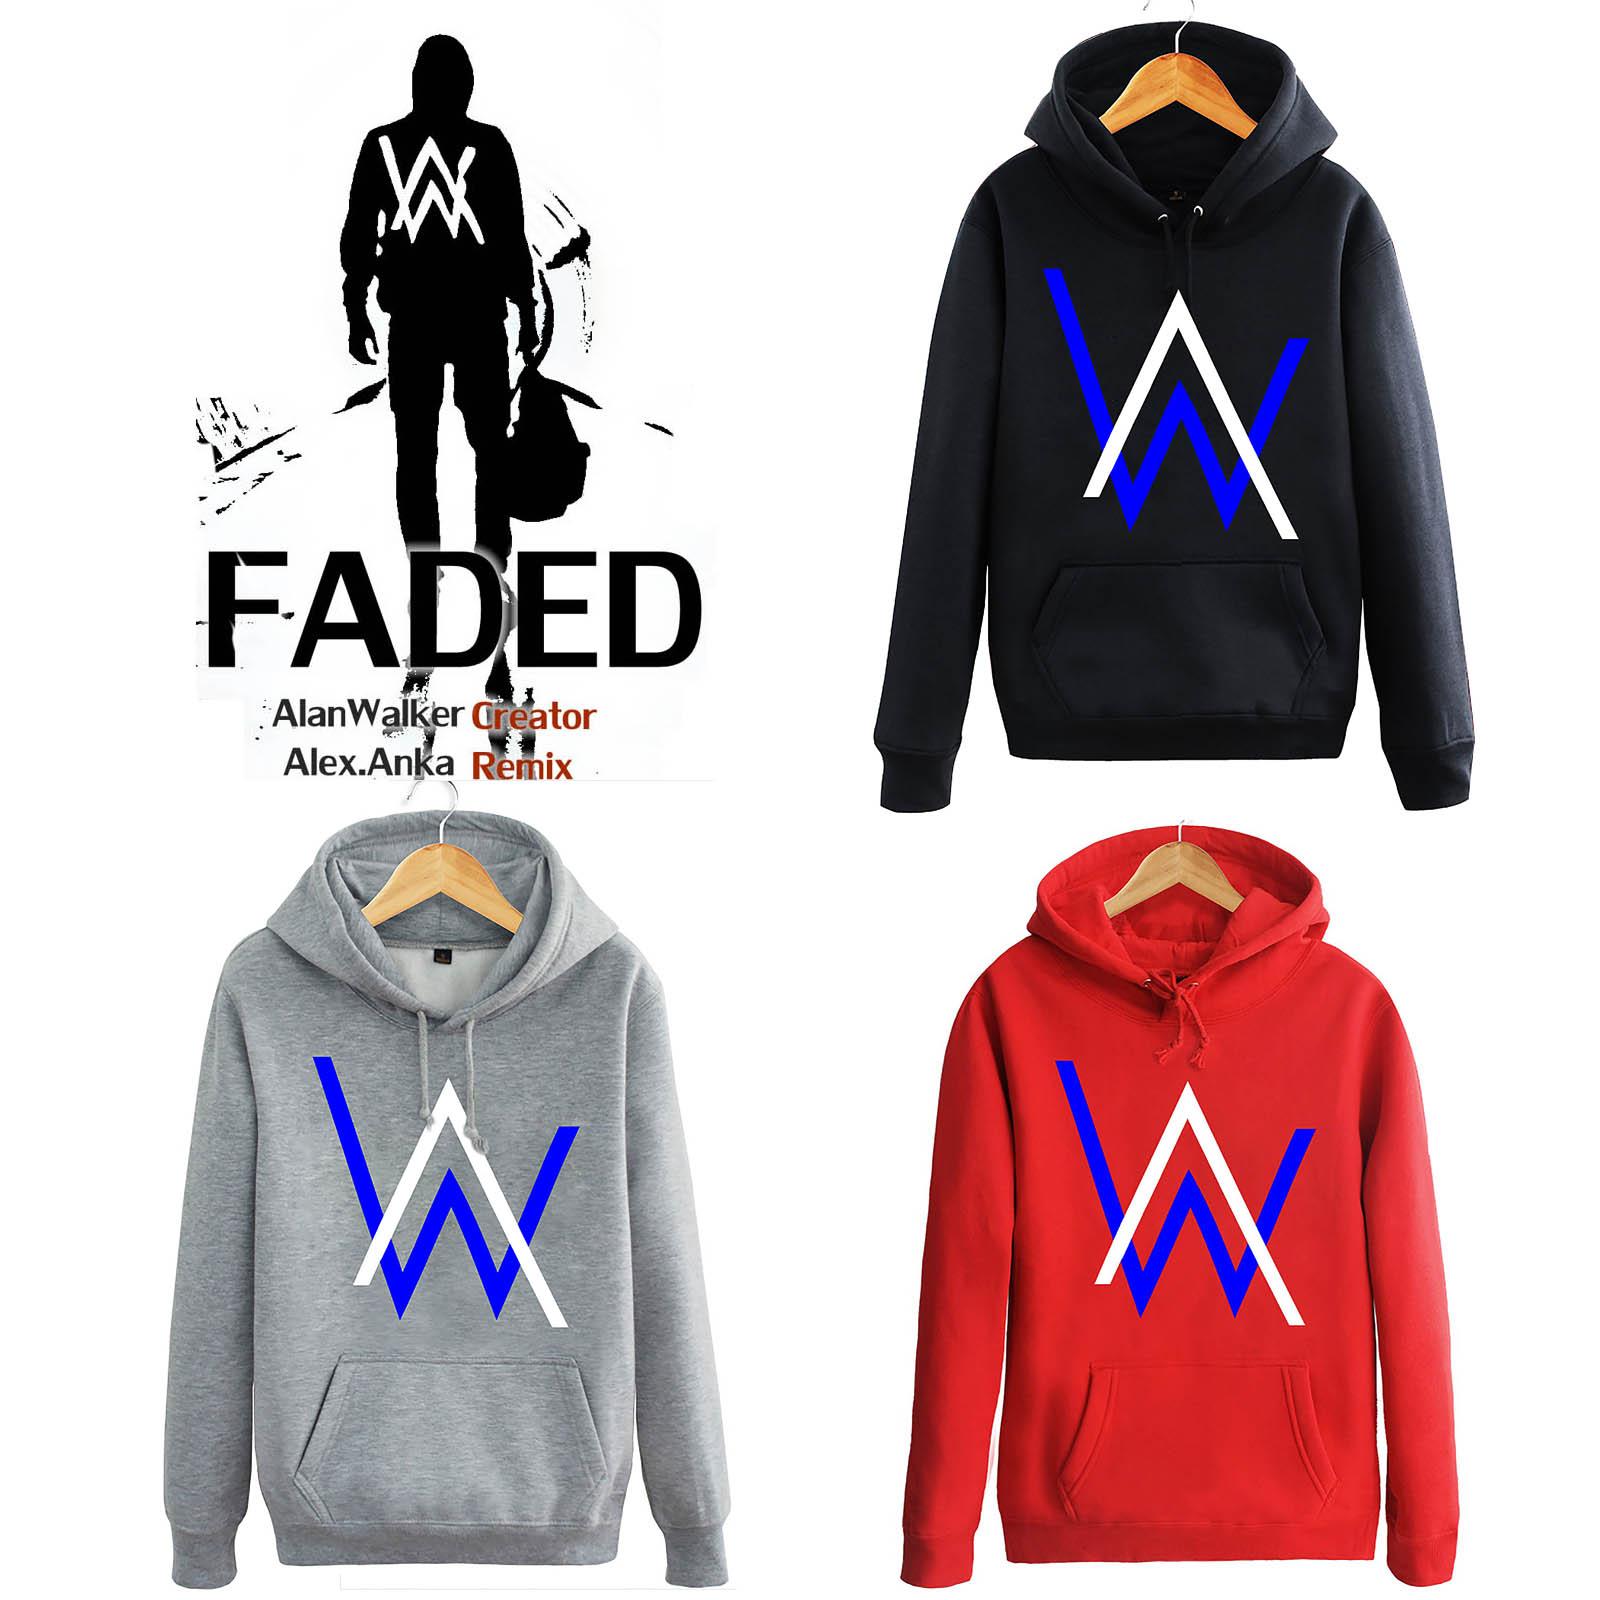 Alan Walker Music Dj Sweater Faded Hoodie Hoody Jacket Fleece Coat Jaket Zipper Type B S 3xl